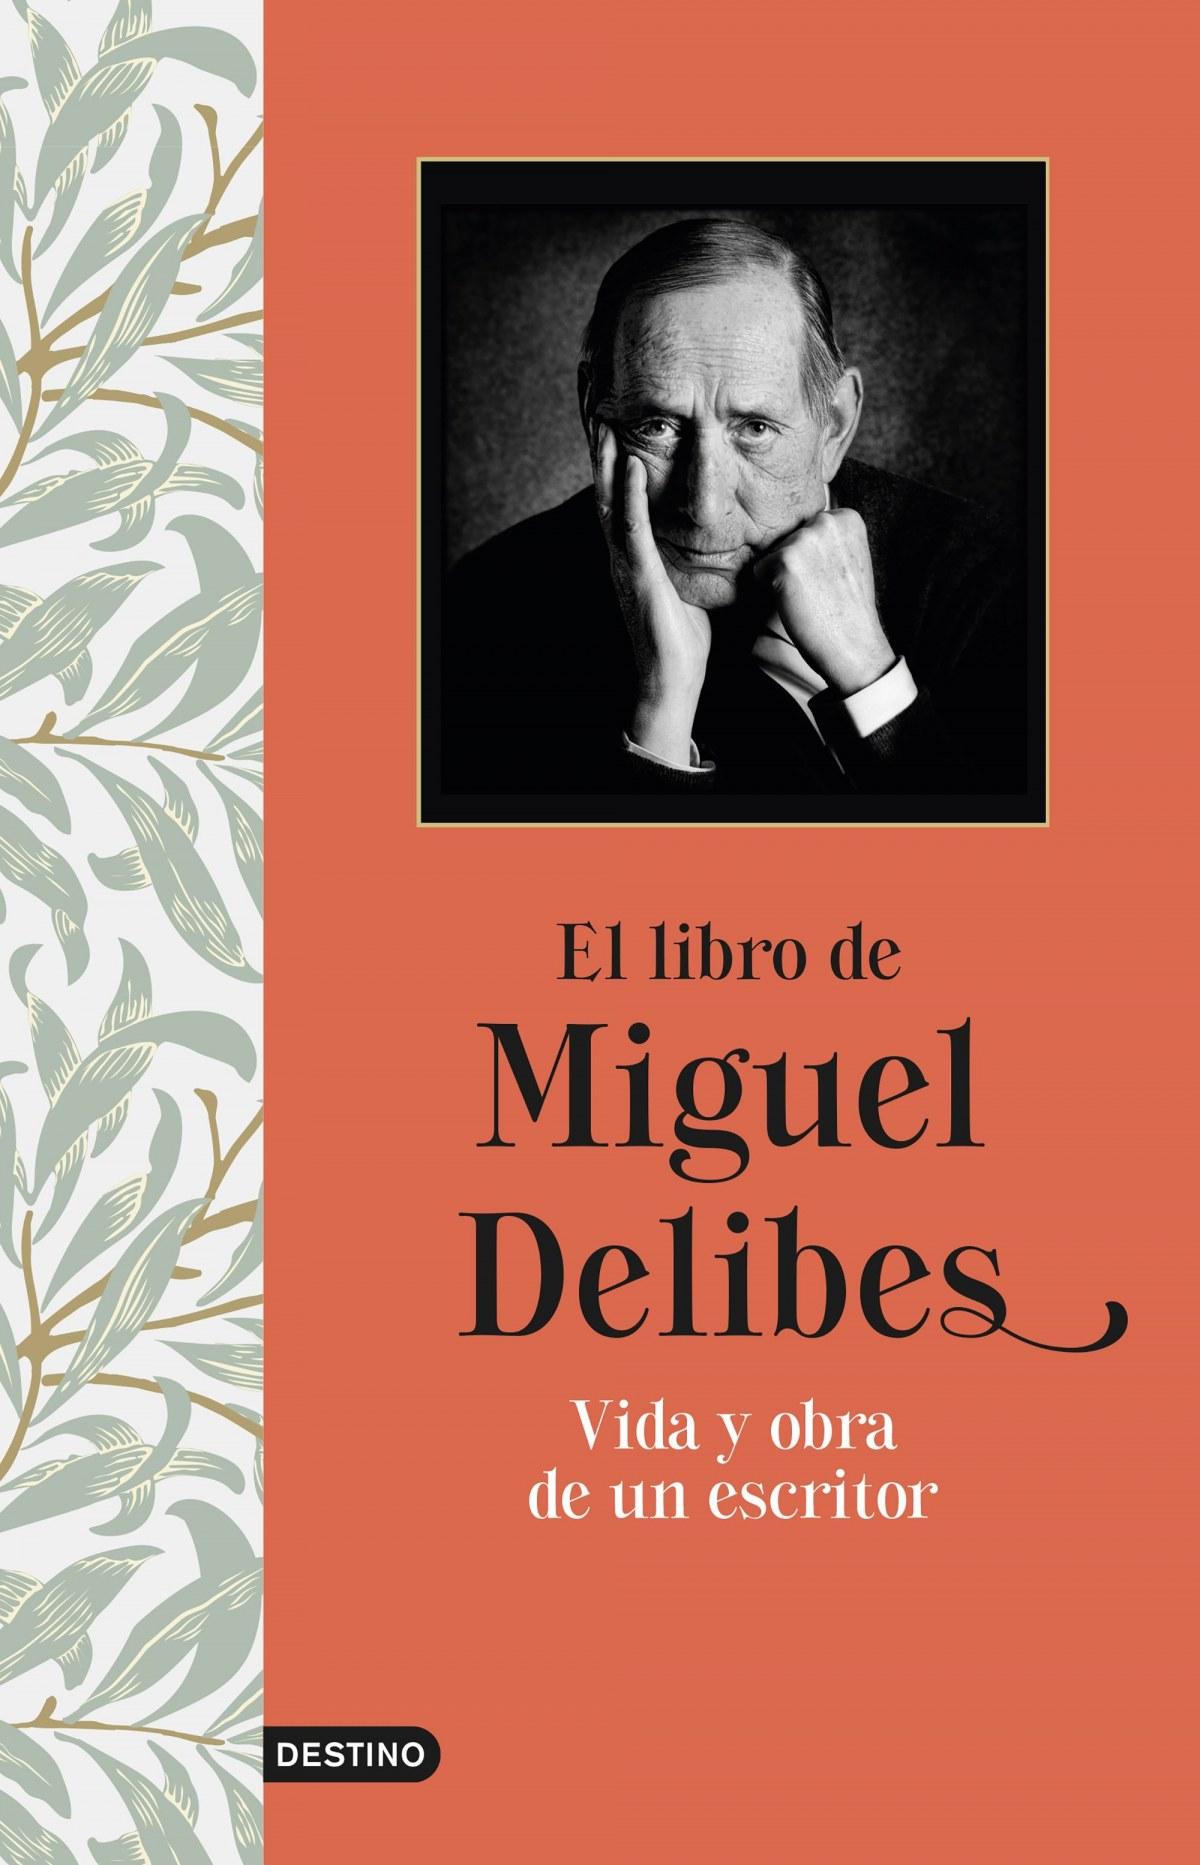 El libro de Miguel Delibes 9788423358205